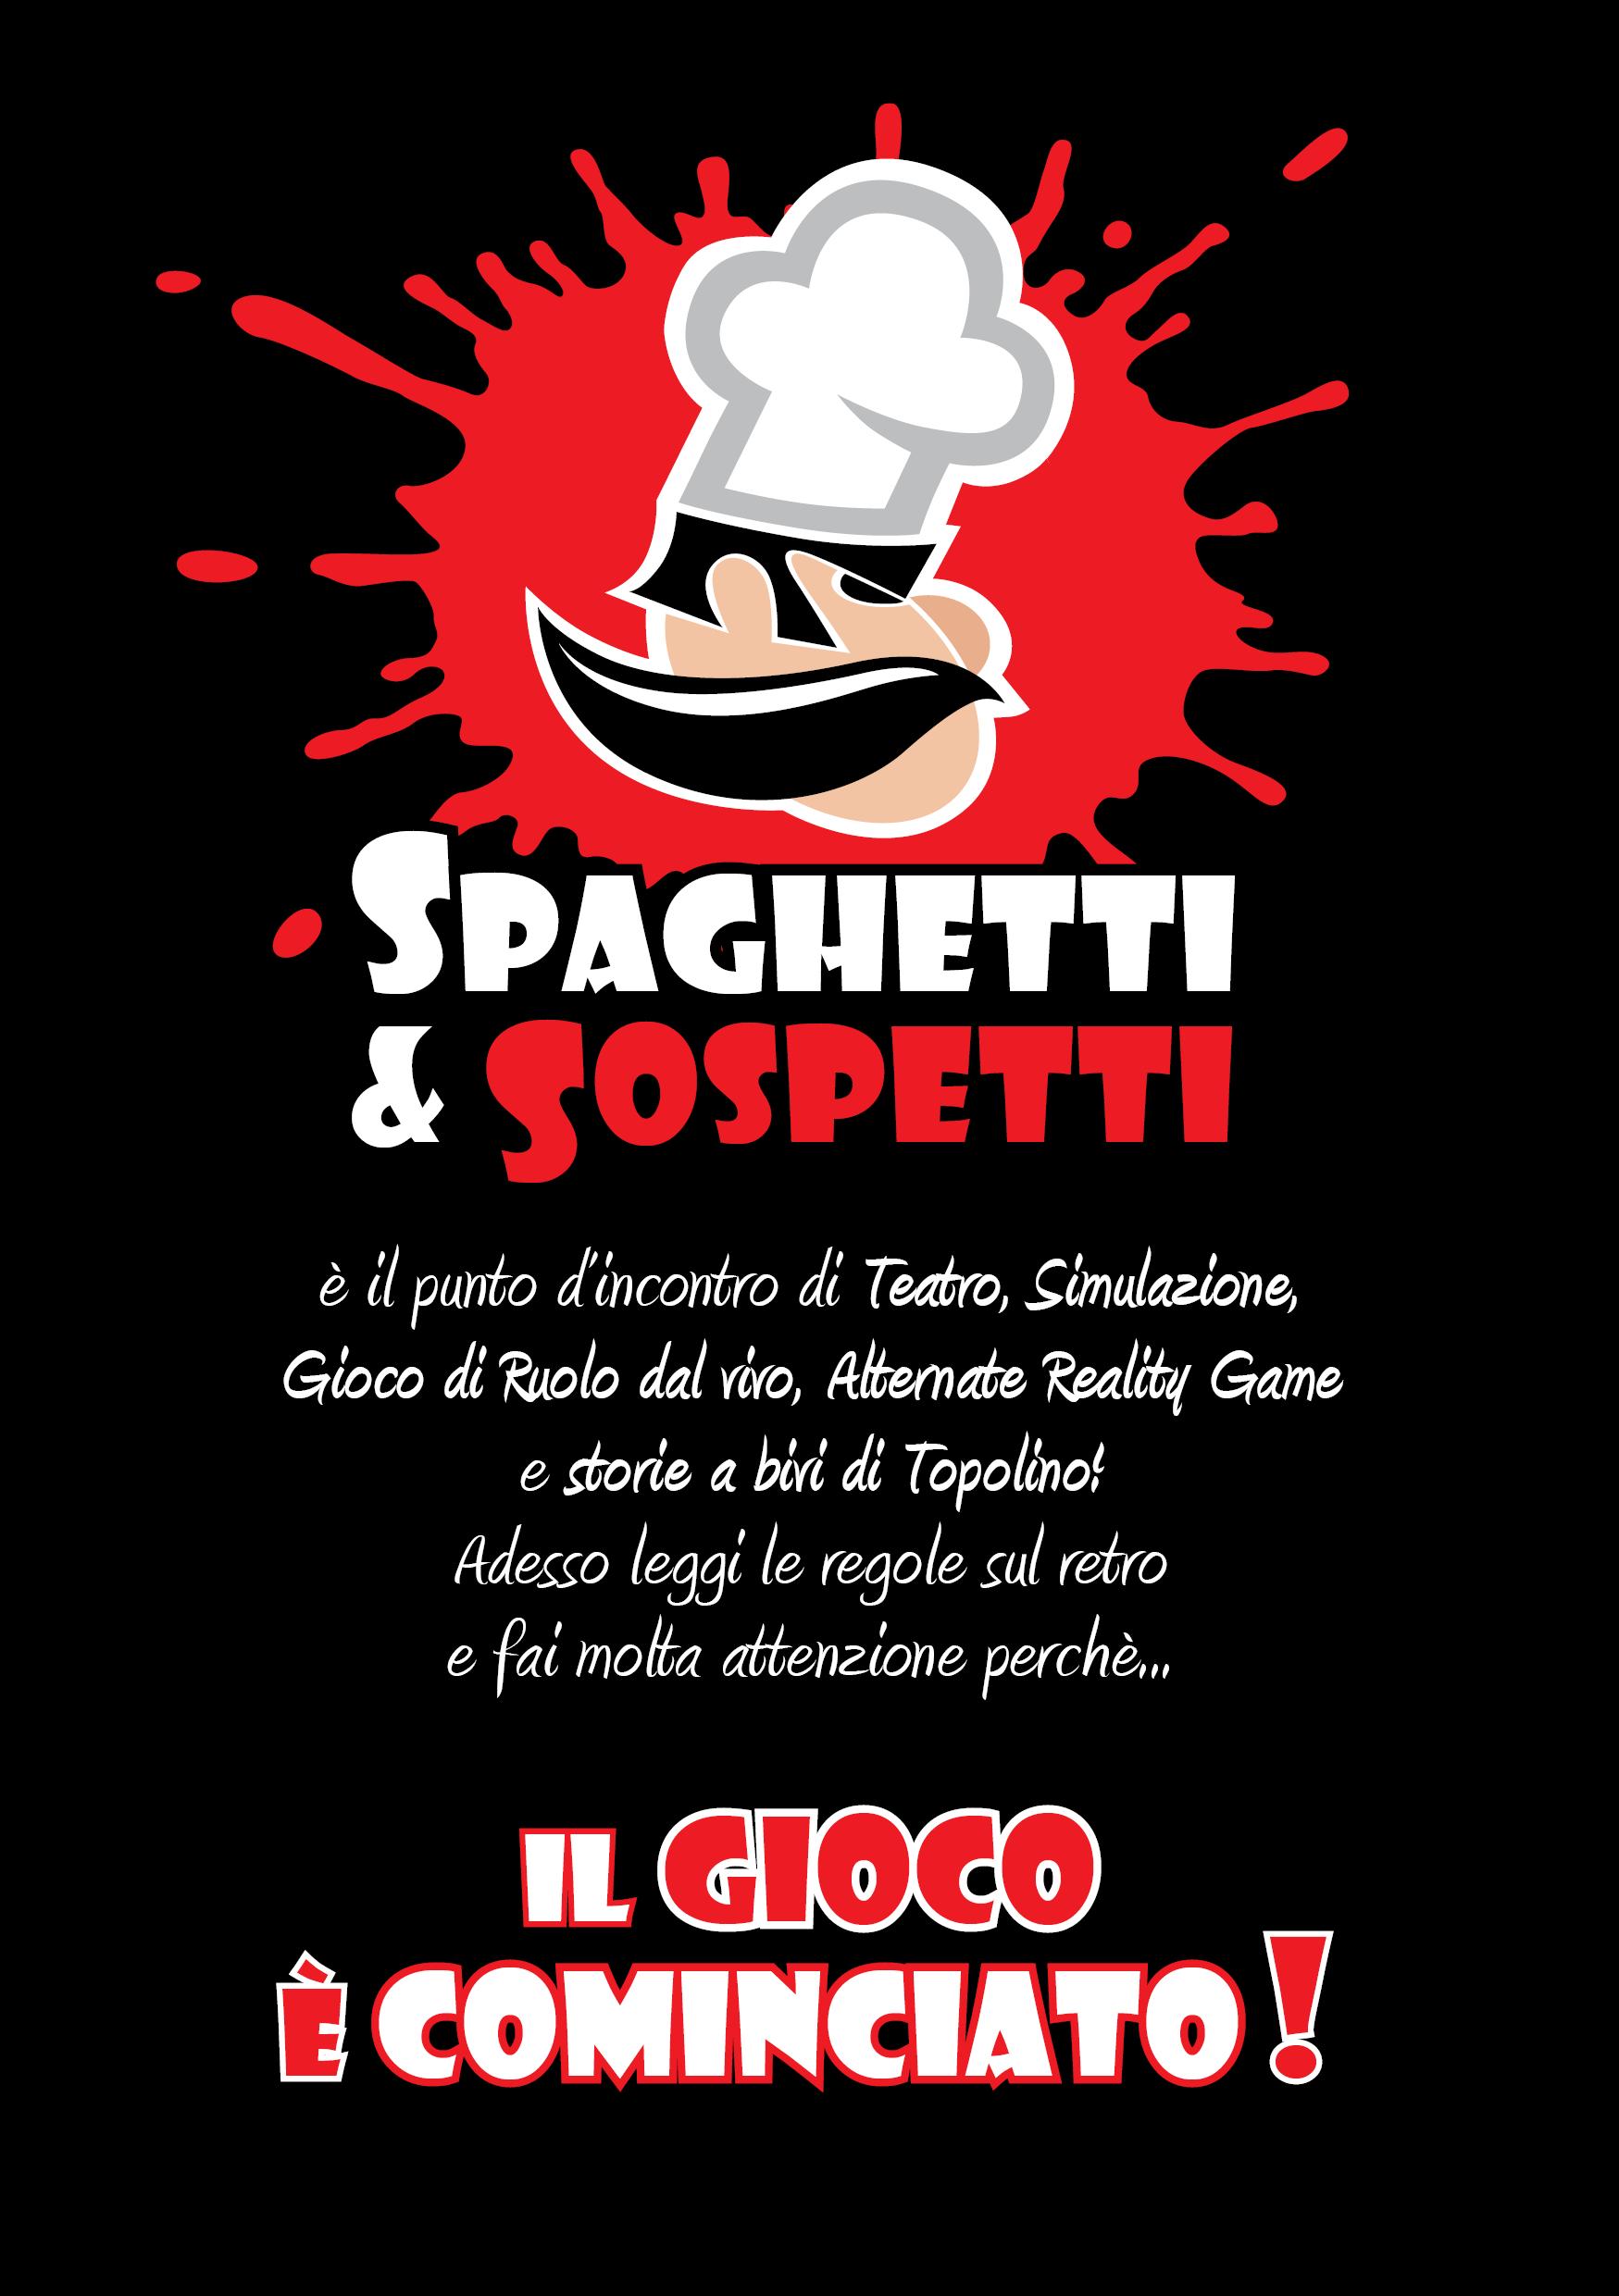 Spaghetti & Sospetti - flyer fronte